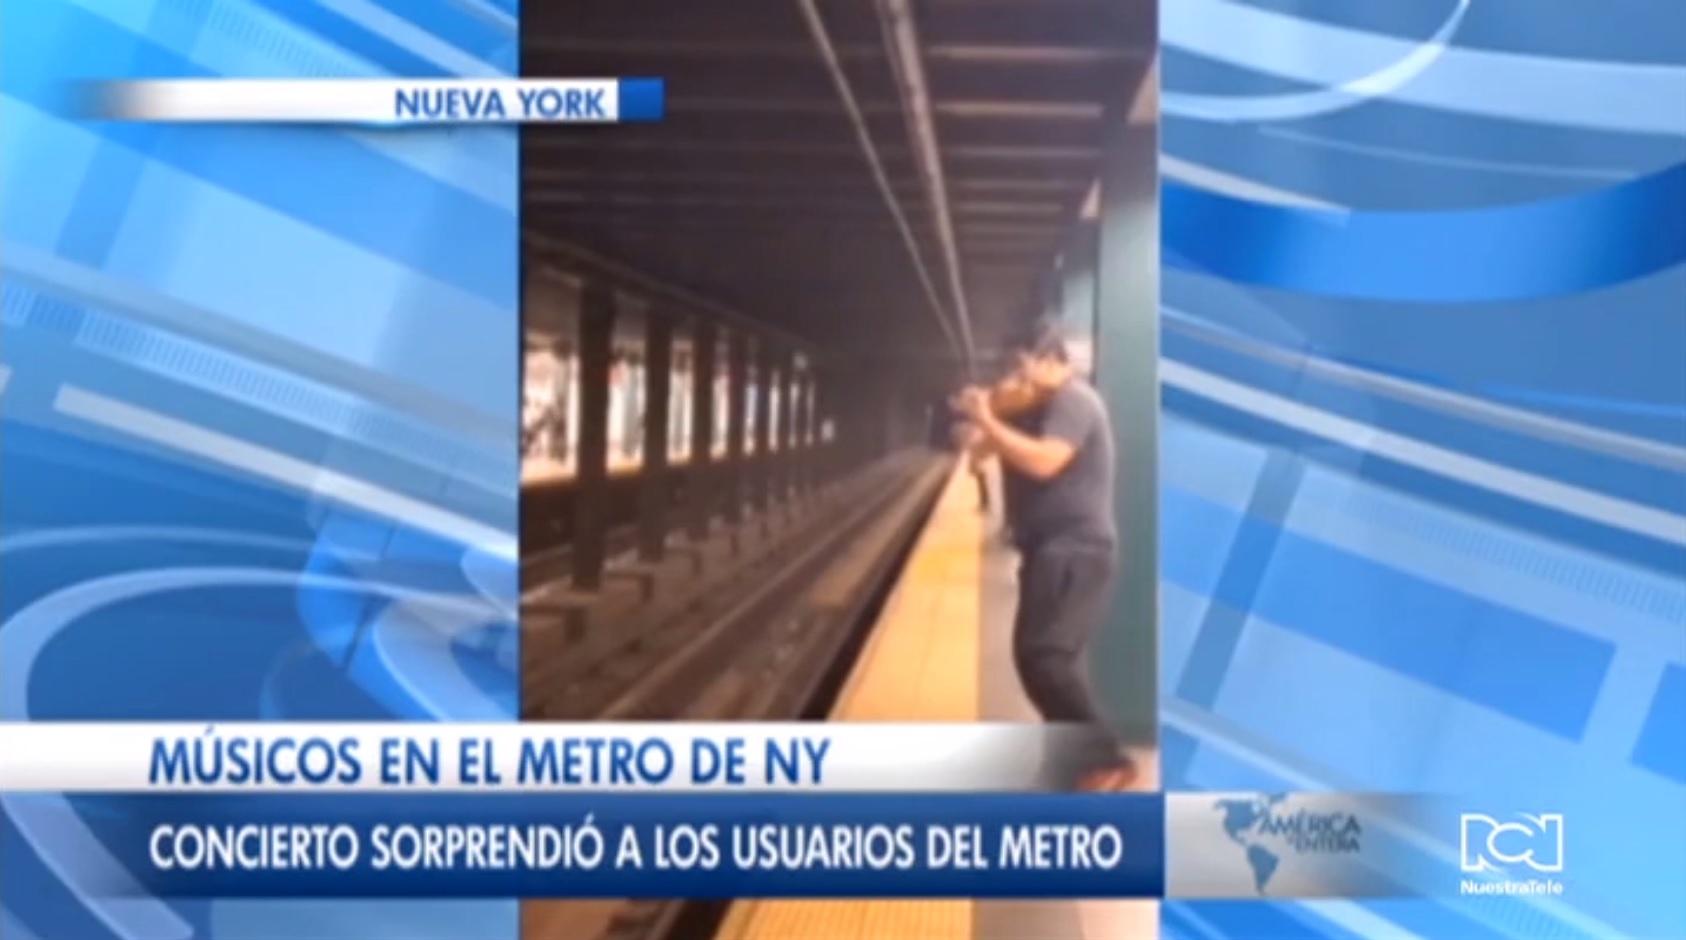 Músicos desconocidos ofrecen un impresionante recital de música clásica en el metro de Nueva York